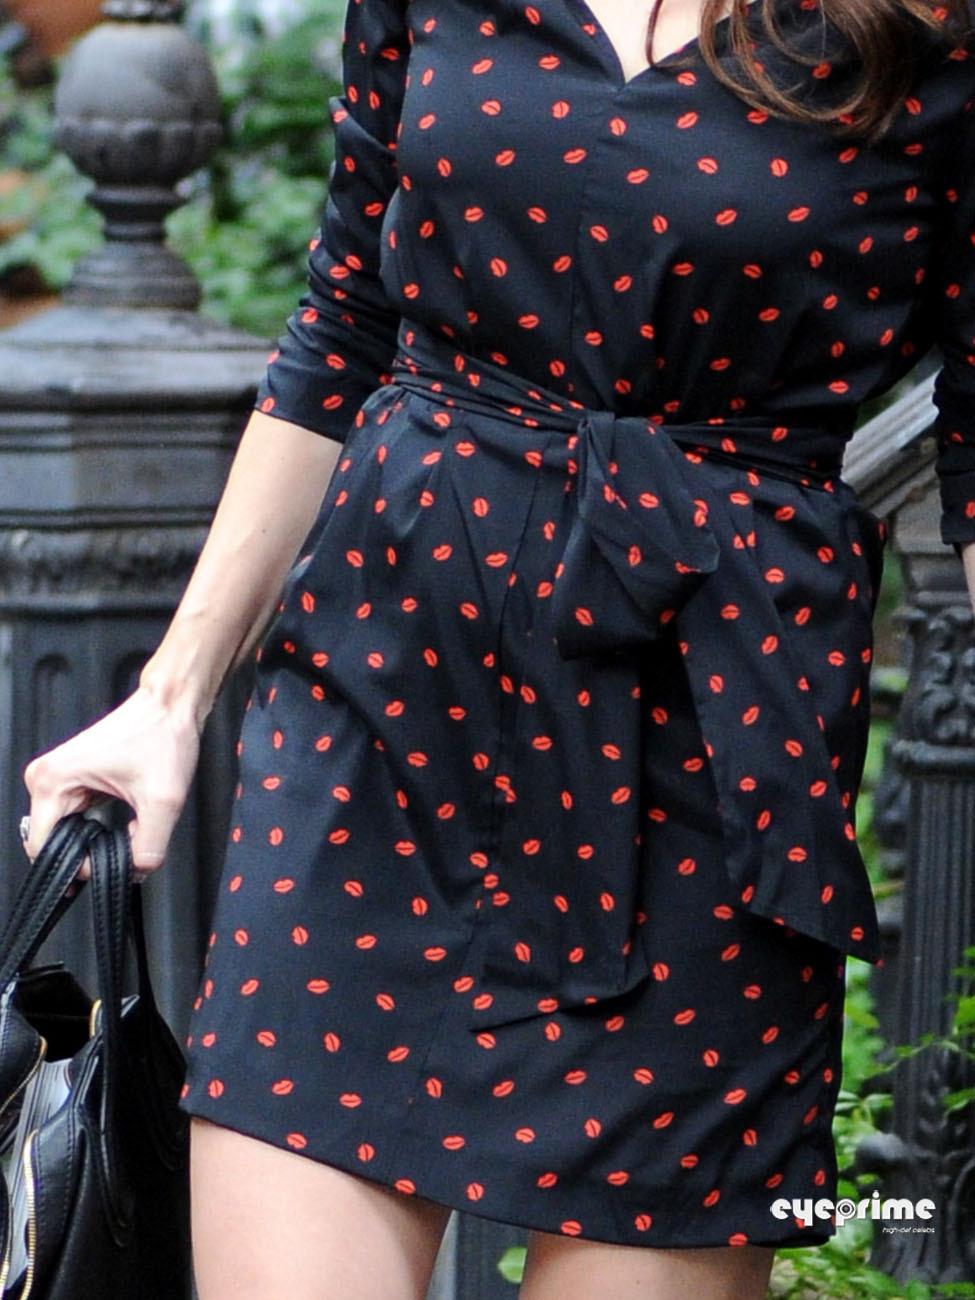 Liv Tyler looks stunning as she leaves her utama in NY, Jun 21